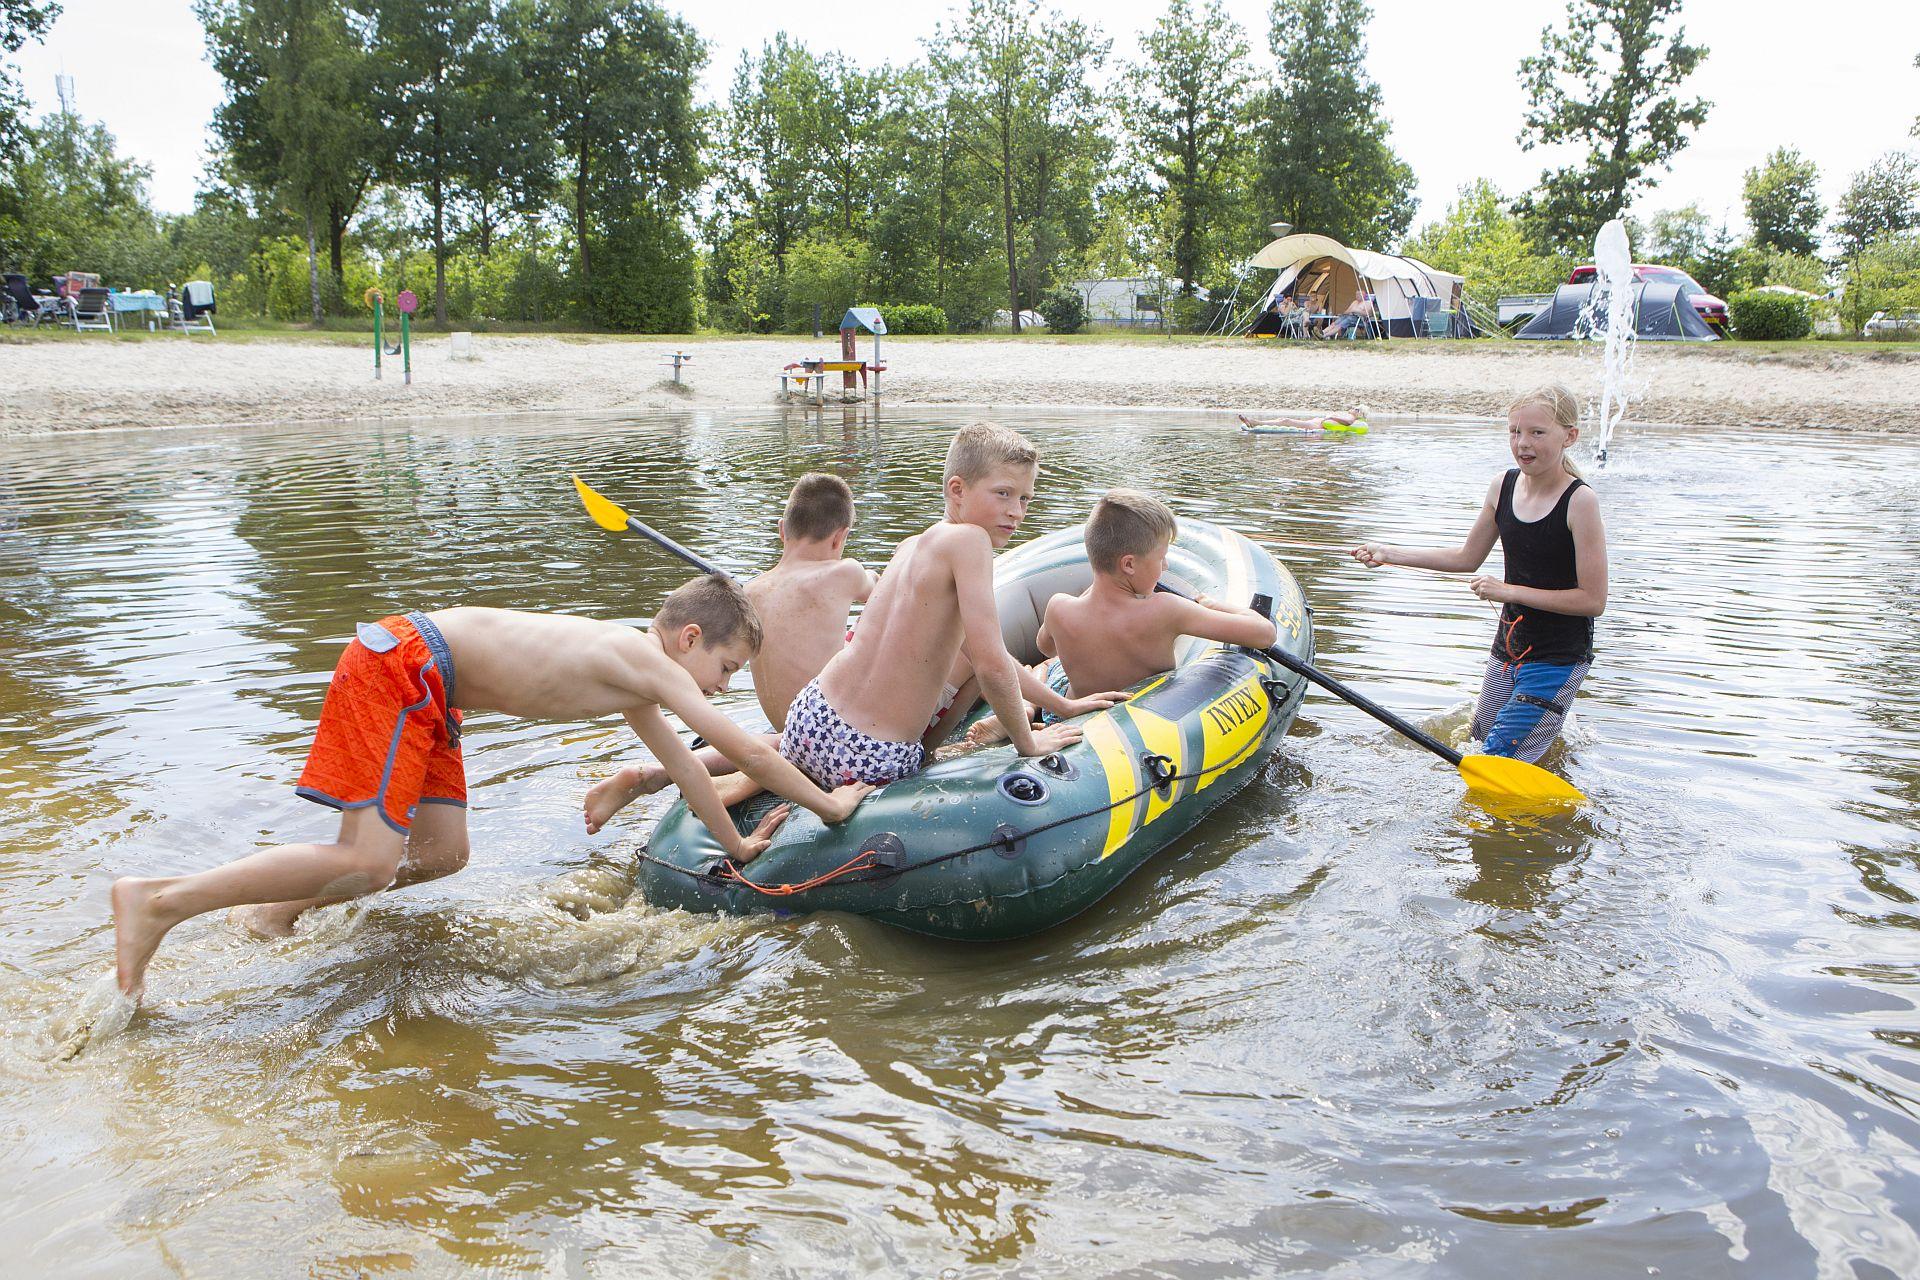 Camping in Slagharen dichtbij het attractiepark - Camping in Slagharen Overijssel